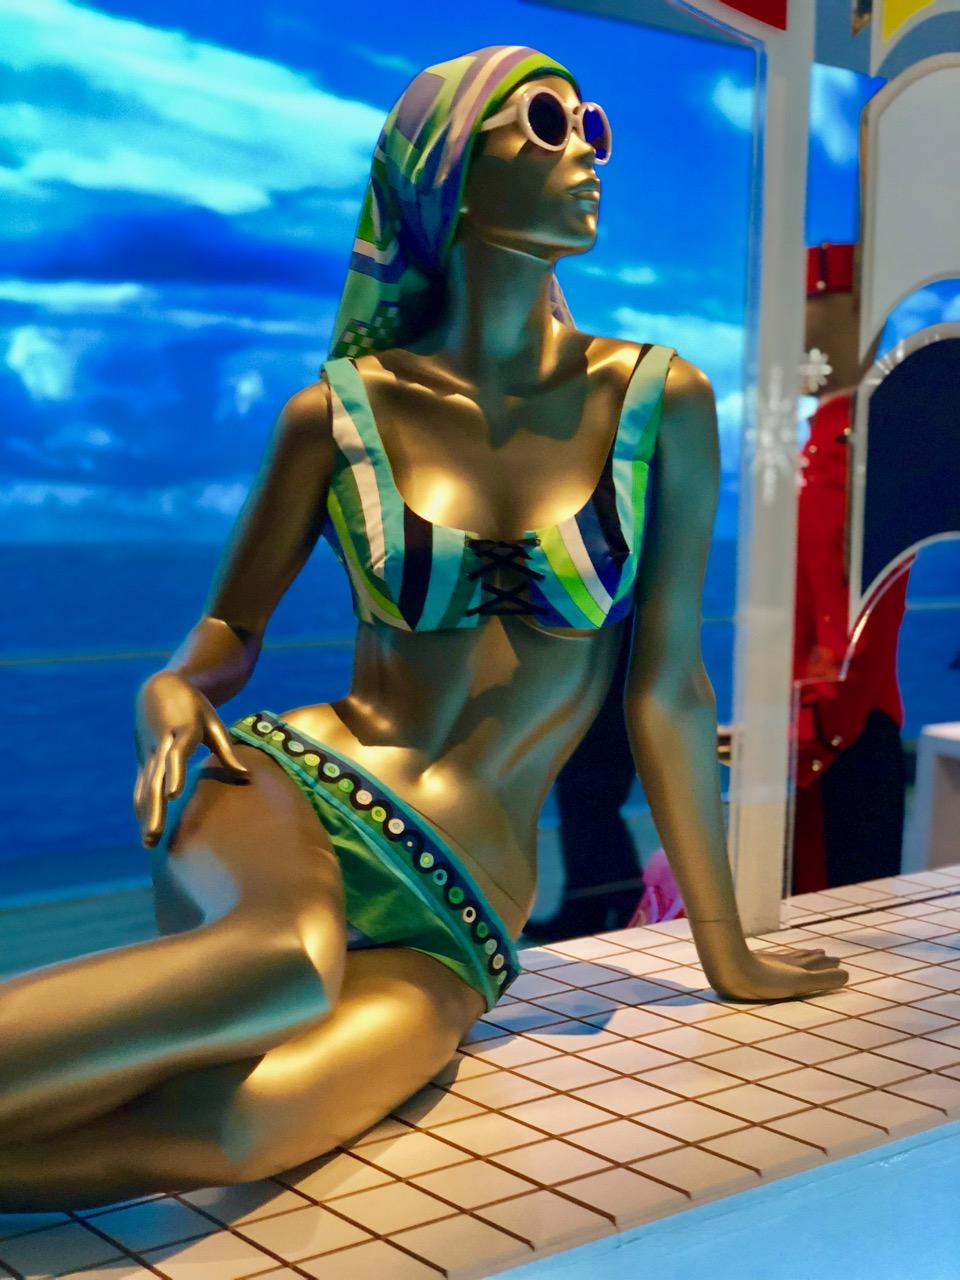 Pucci_bathing_suir_V&A_museum_ocean_liner_exhibit.jpg